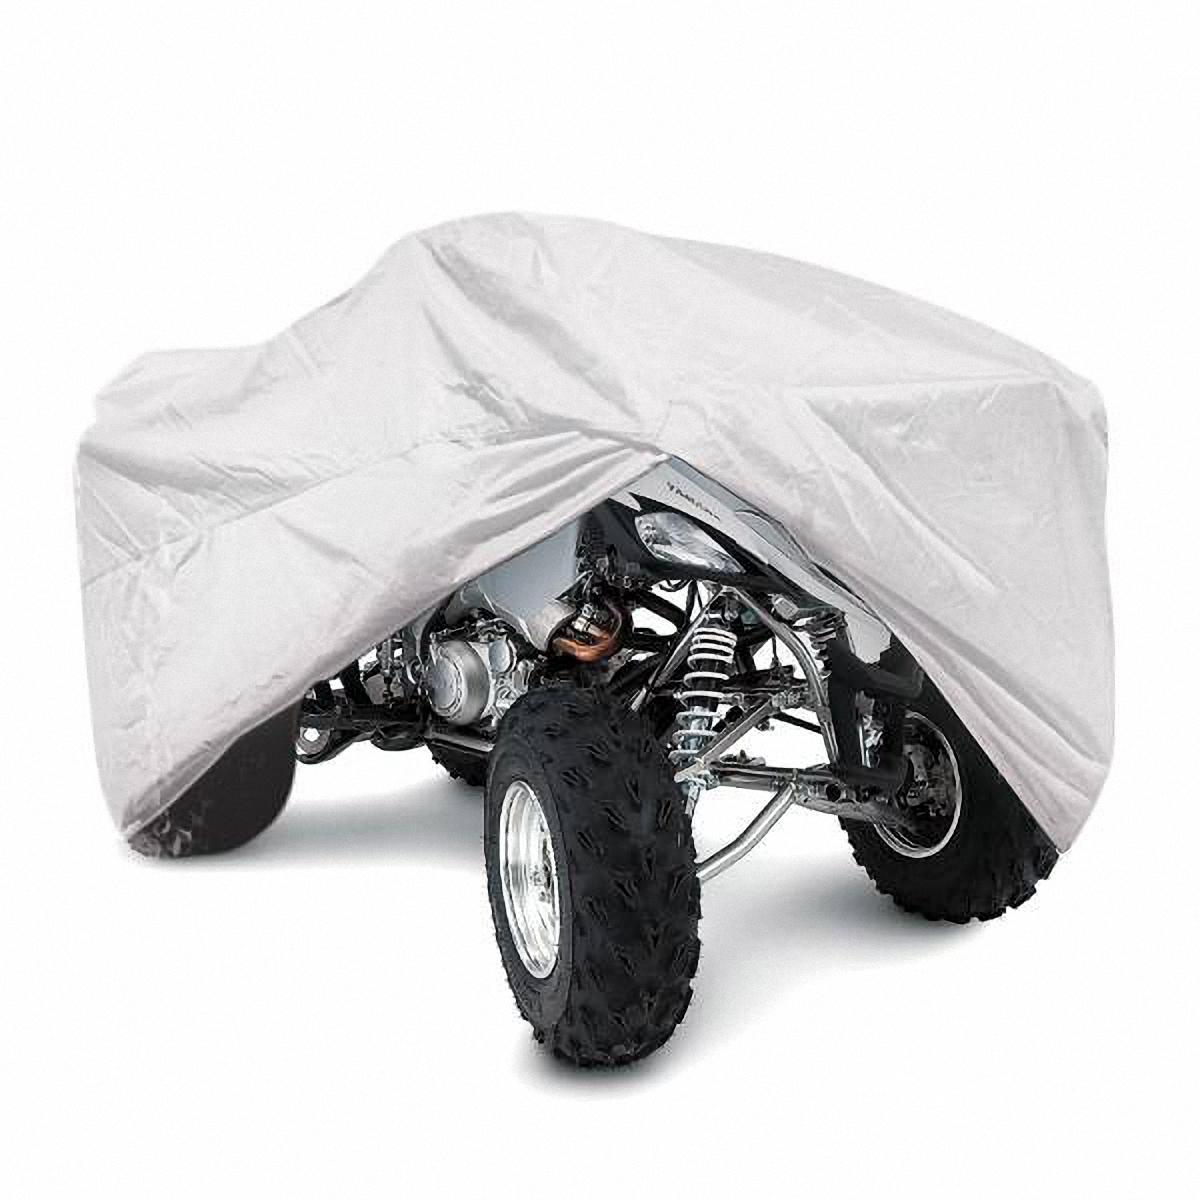 Тент на квадроцикл Skyway, 218 х 120 х 85 см. Размер LS04403002Тент на квадроцикл позволит защитить кузов Вашего транспортного средства от коррозии и загрязнений во время хранения или транспортировки, а Вас избавит от необходимости его частого мытья.Чехол-тент предохраняет лакокрасочное покрытие кузова, детали и фары Вашего квадроцикла от воздействия прямых солнечных лучей и неблагоприятных погодных условий, загрязнений. Легко и быстро надевается на квадроцикл, не царапая и не повреждая его.Основные характеристики чехла-тента SKYWAY:Изготовлен из высококачественного полиэстера.В передней и задней части тента вшиты резинки, стягивающие его нижний край под передним и задним бамперами.Обладает высокой влаго- и износостойкостью.Обладает светоотражающими и пылезащитными свойствами.Выдерживает как низкие, так и высокие температуры.Воздухопроницаемый материал.Состав: полиэстер.